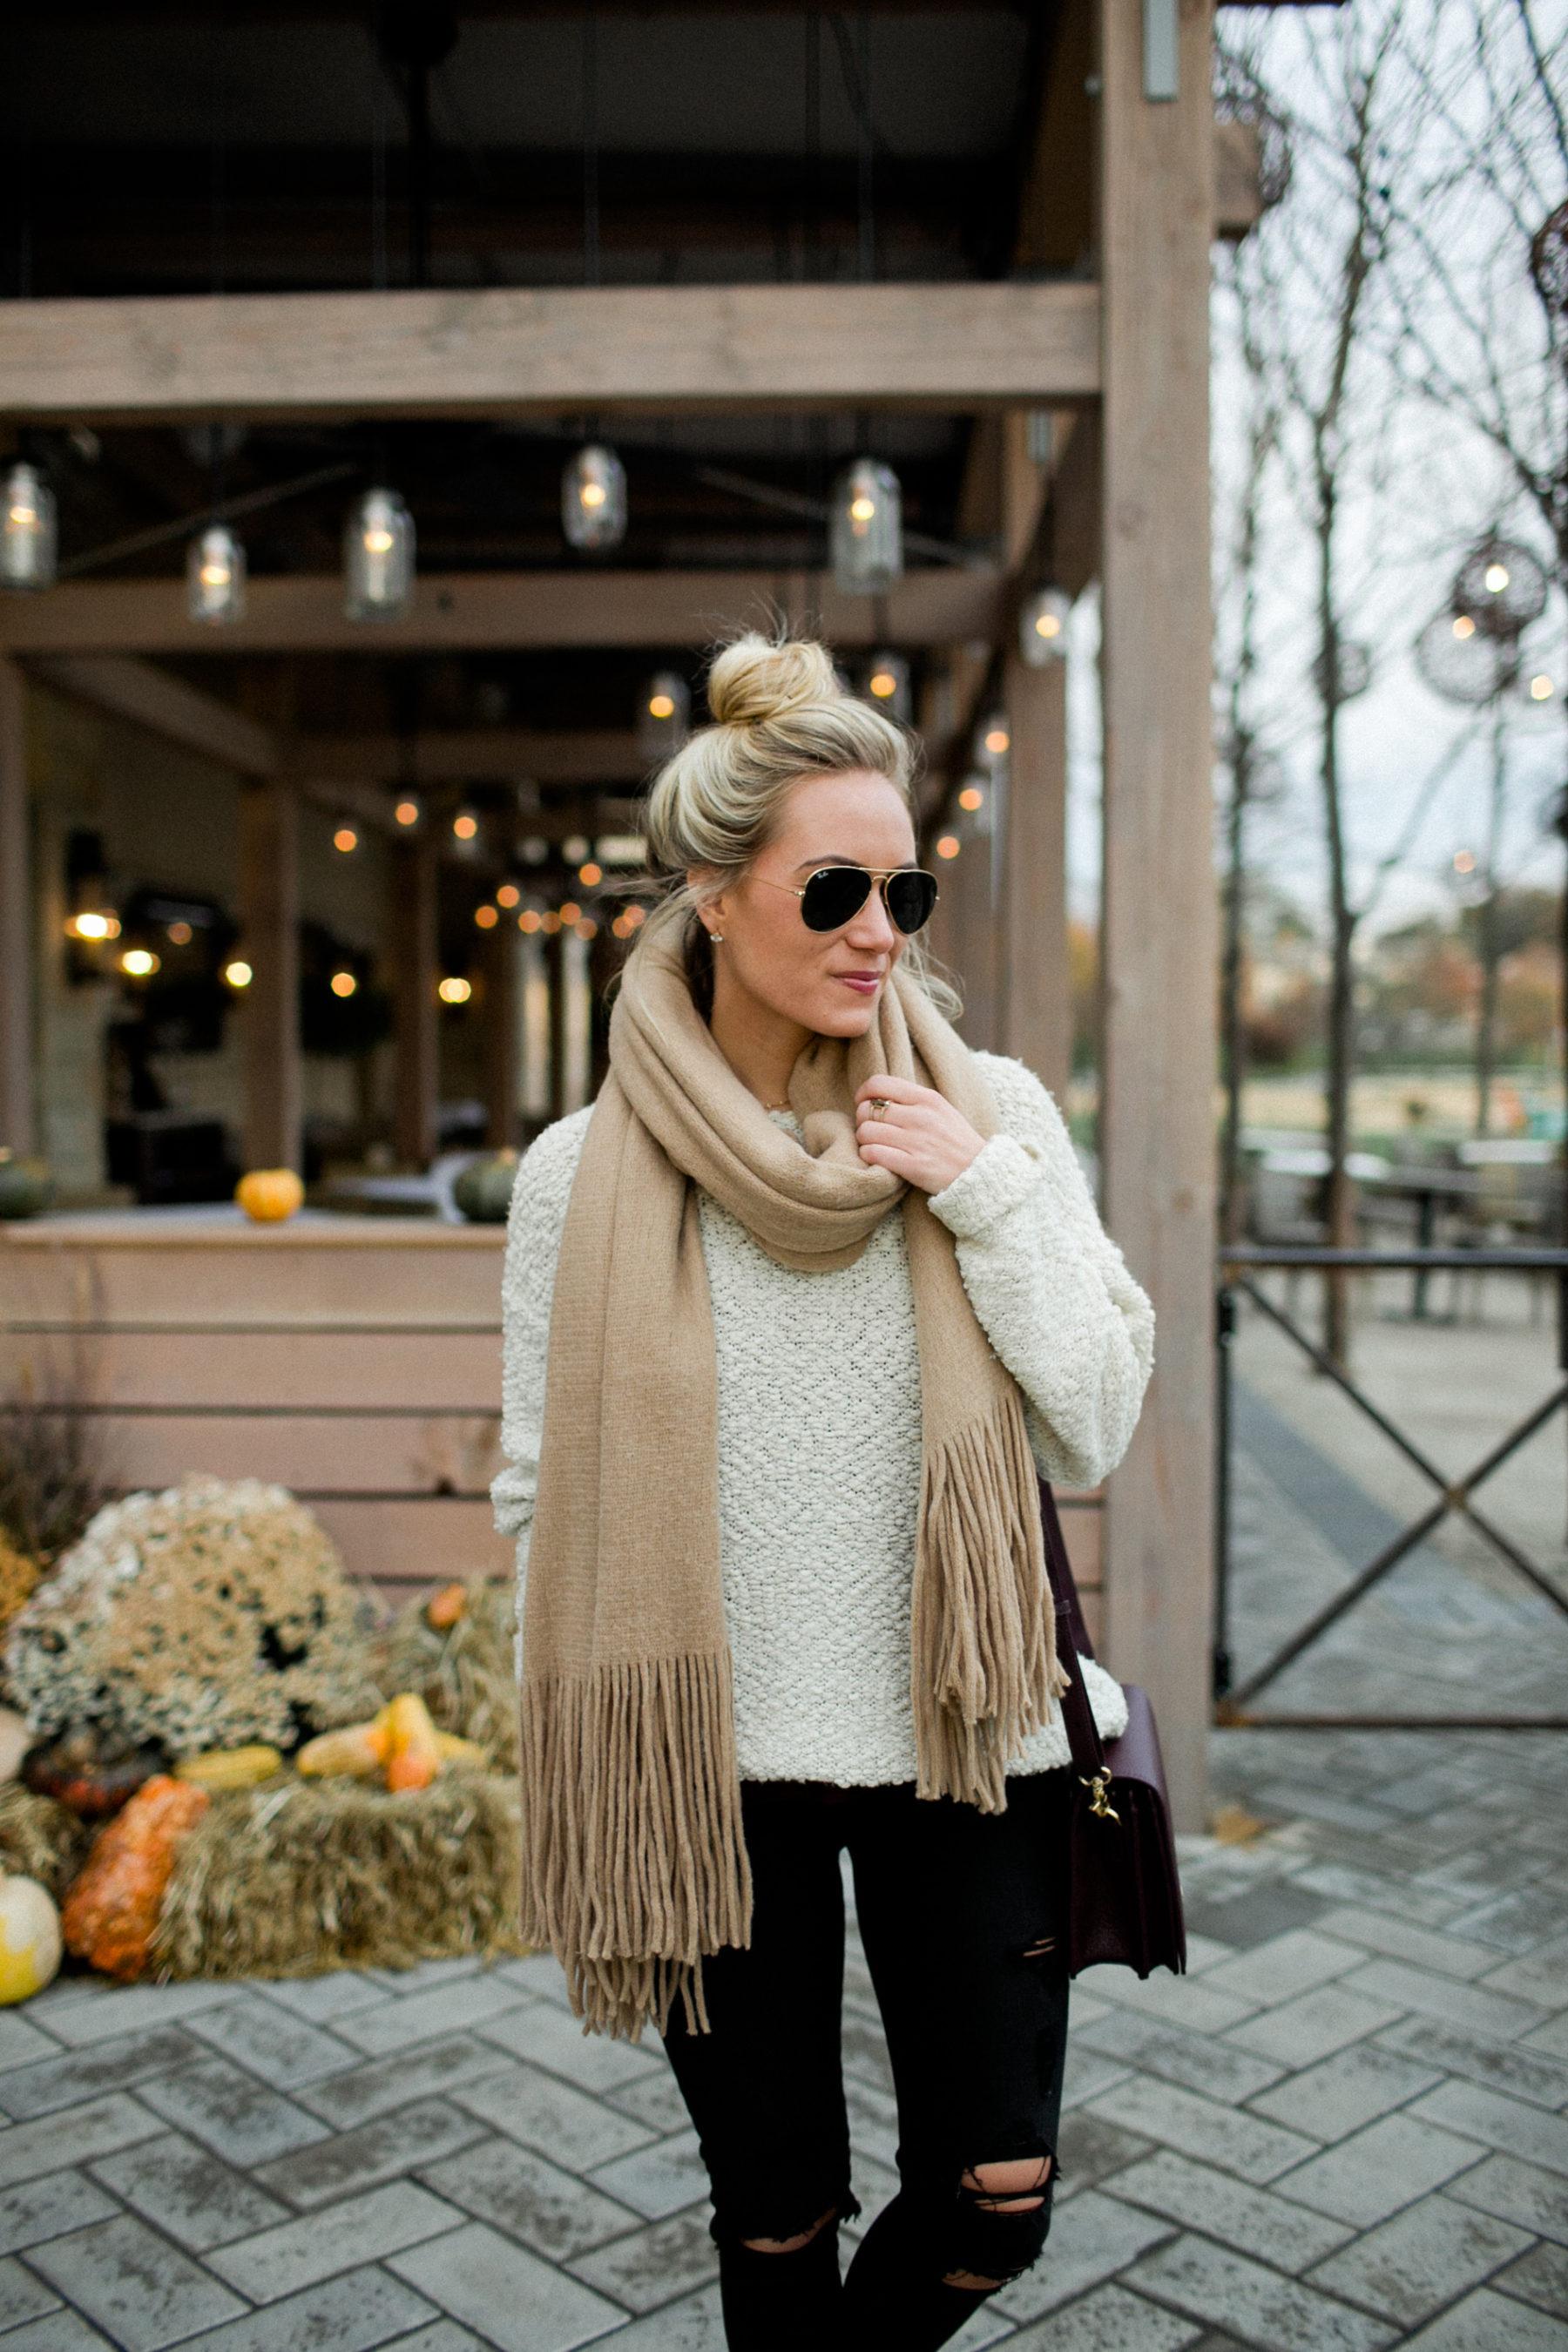 Fall Style Tan Sweater Scarf